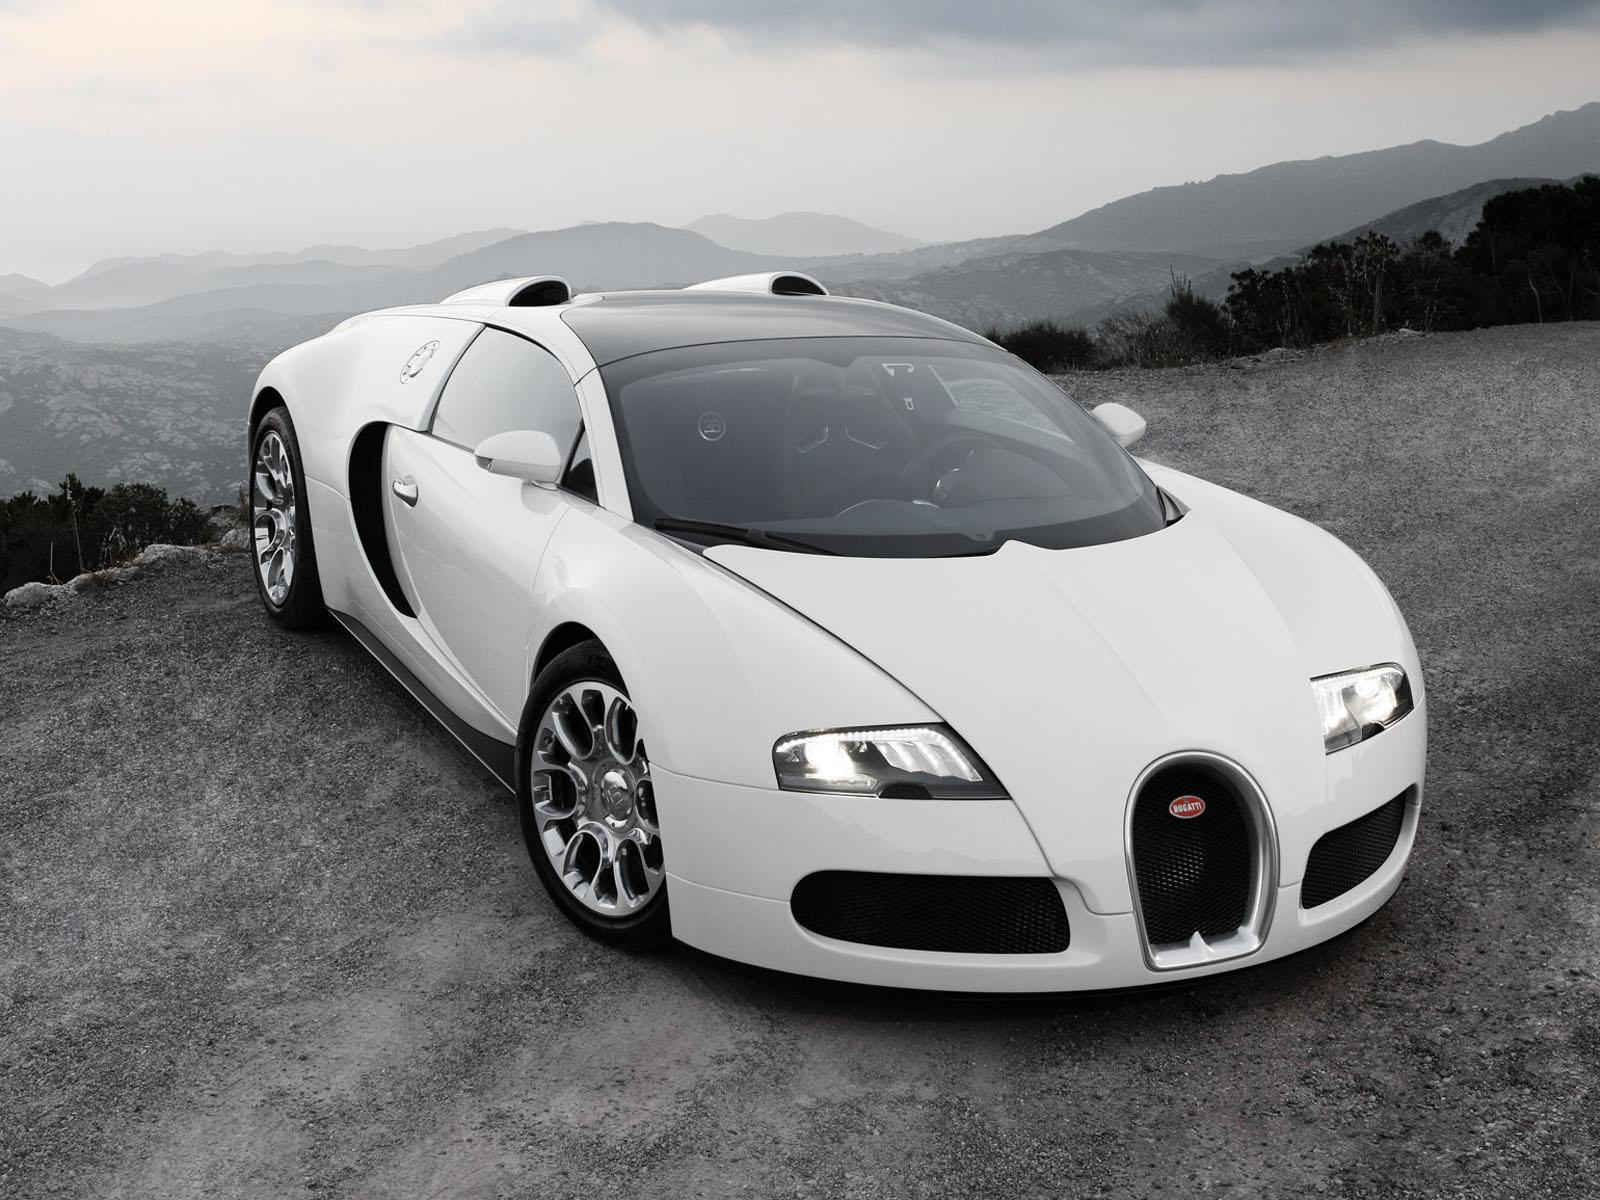 bugatti veyron wallpaper Cool Car Wallpapers 1600x1200